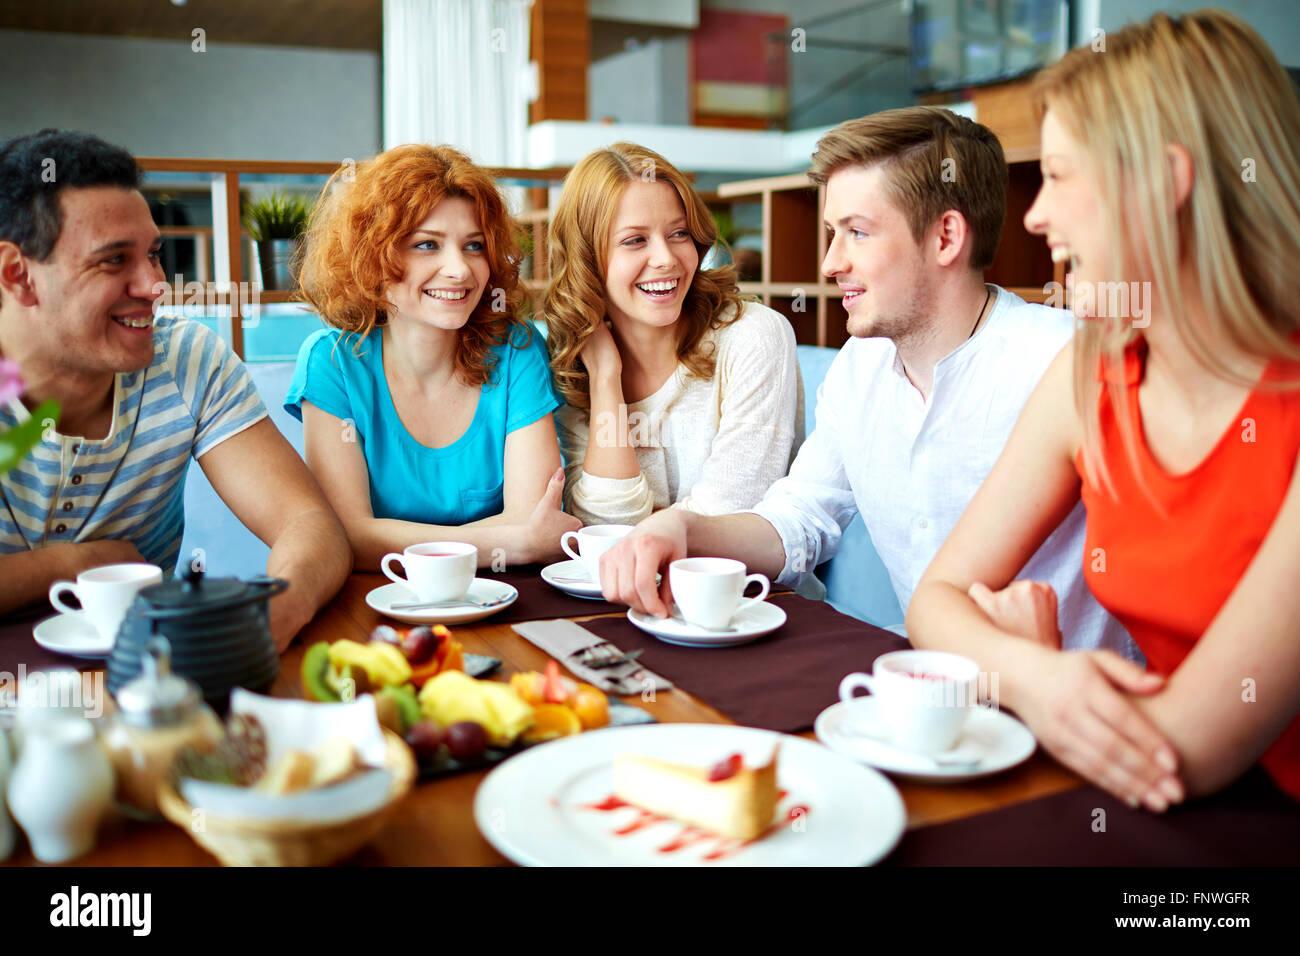 Happy amici adolescenti avente parlare con la tazza di tè in cafe Immagini Stock